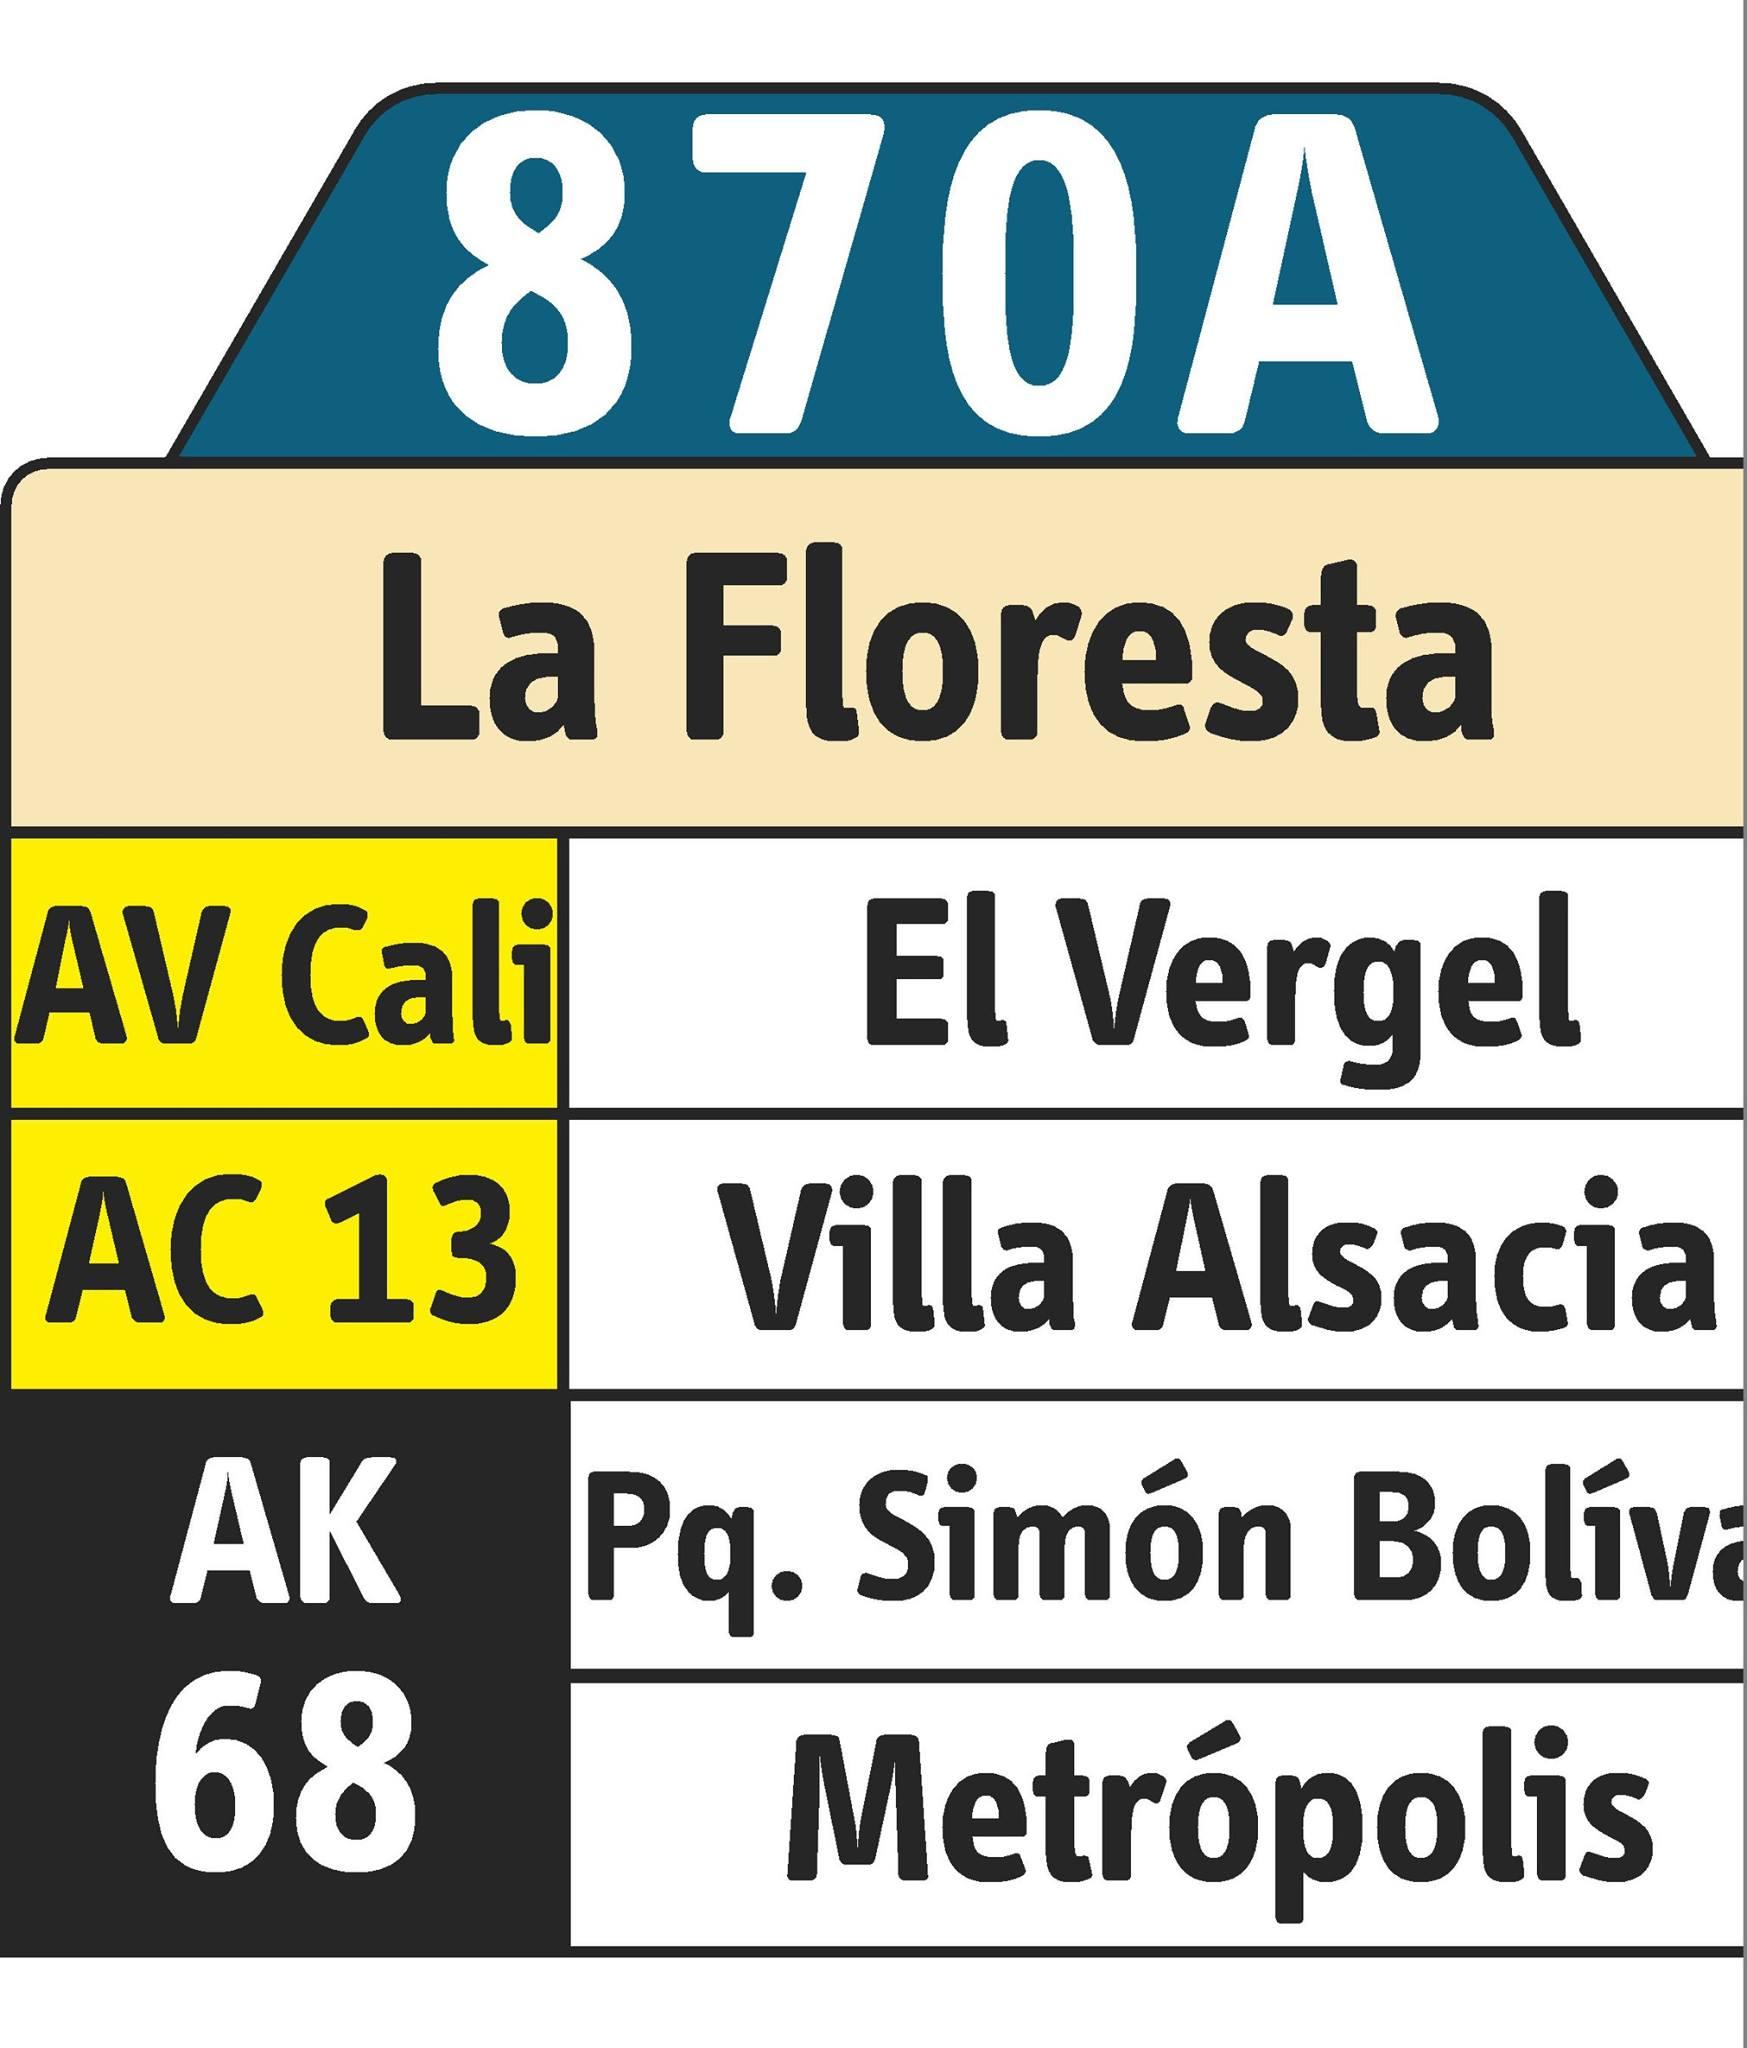 Rutero digital ruta urbana 870A - La Floresta